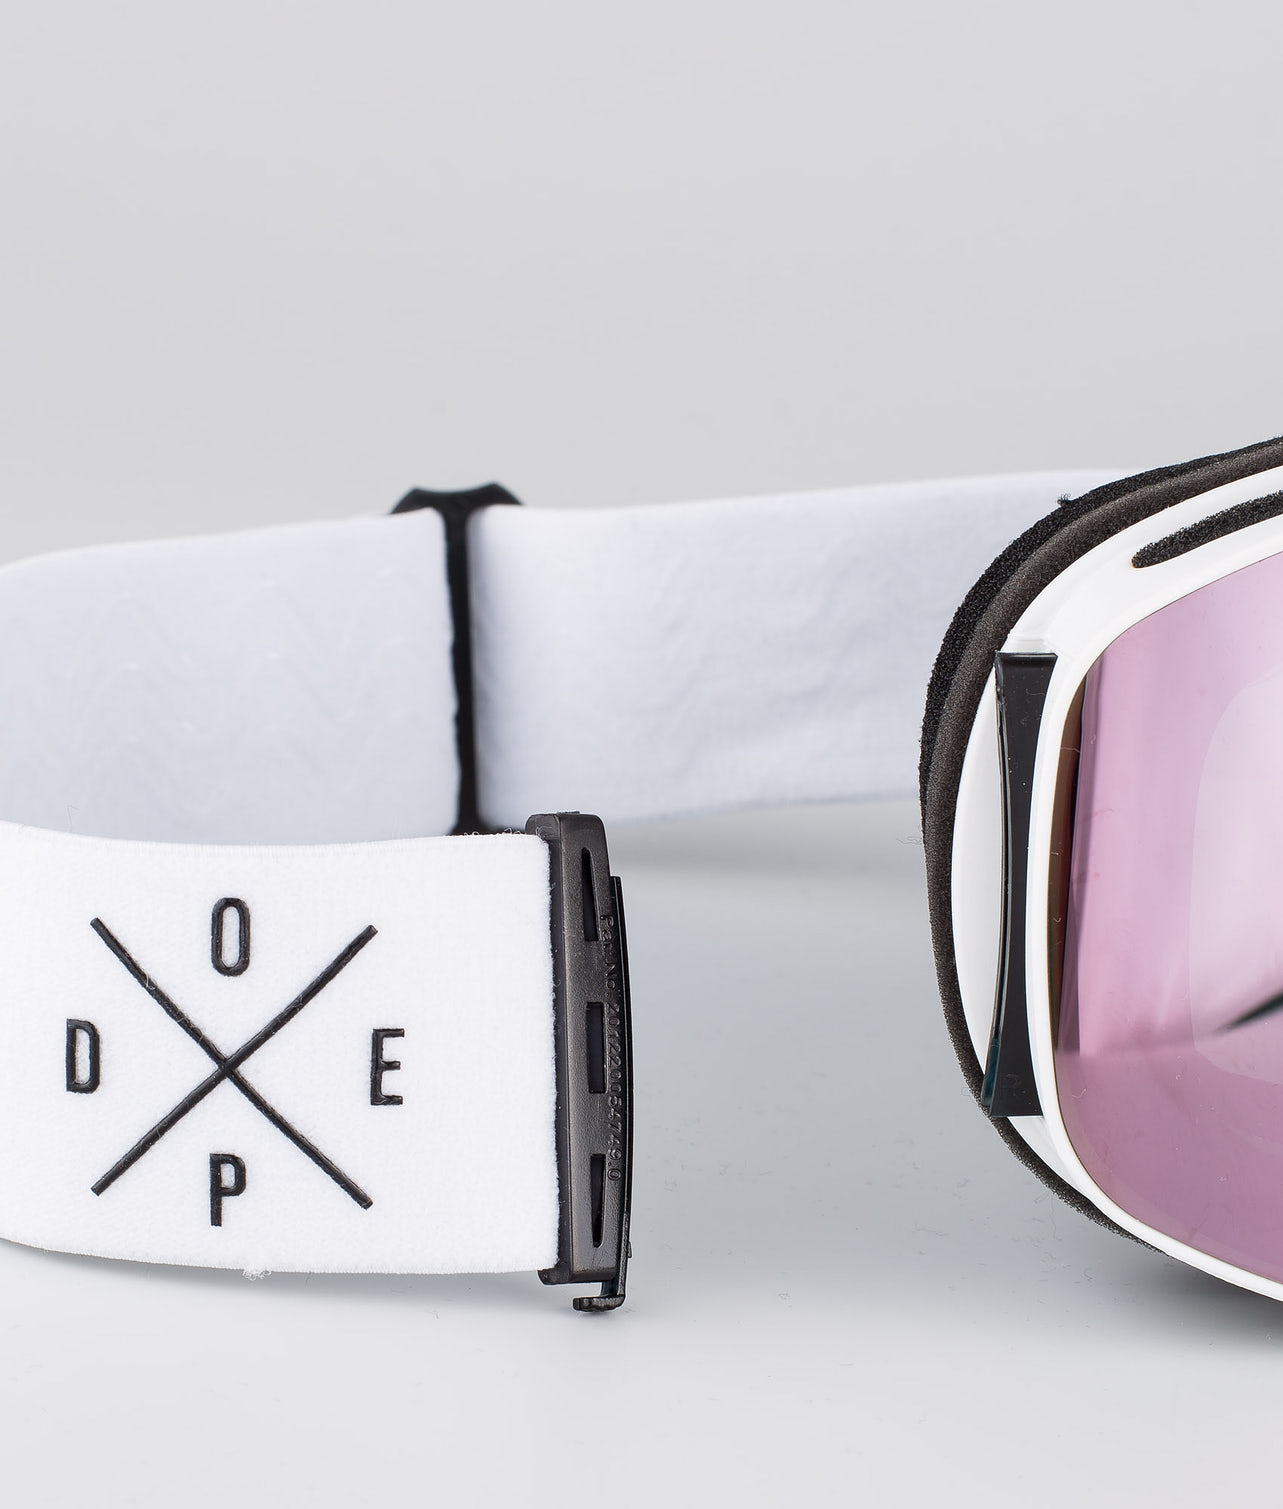 Kjøp Flush 2X-UP Skibriller fra Dope på Ridestore.no - Hos oss har du alltid fri frakt, fri retur og 30 dagers åpent kjøp!